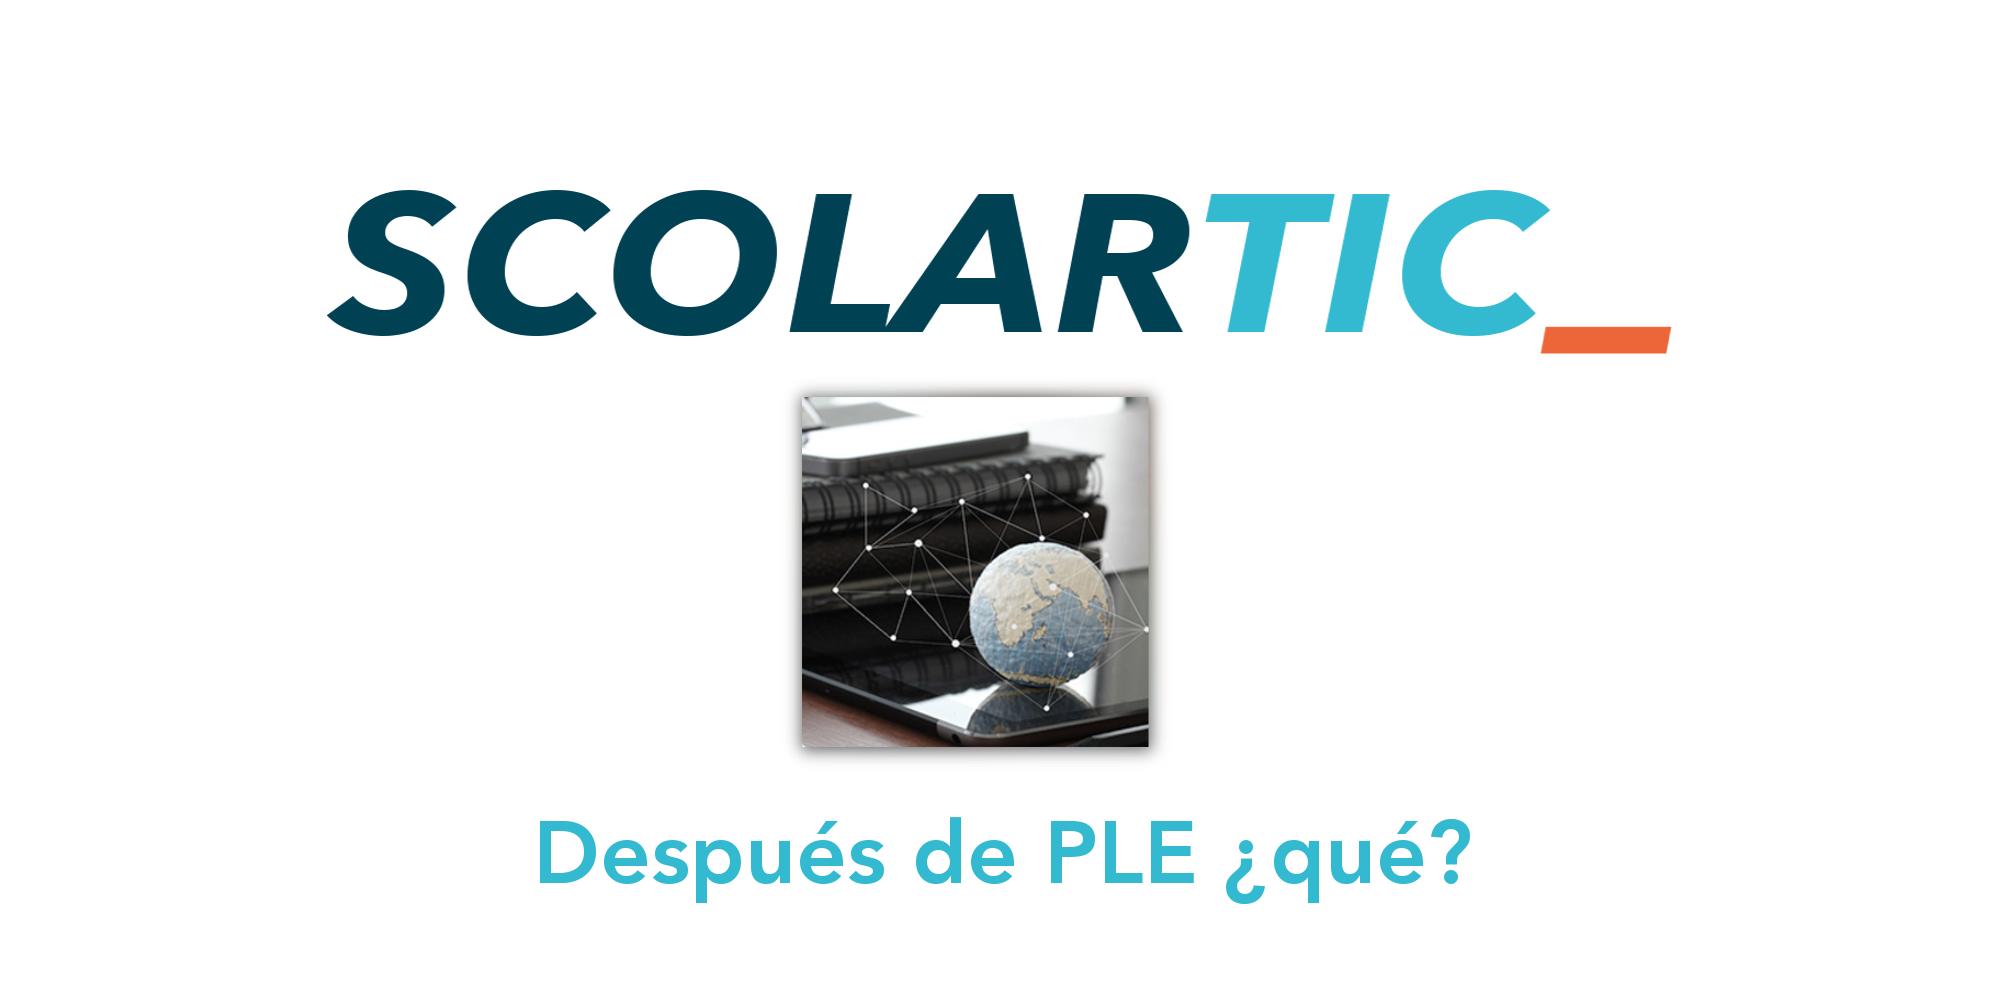 ScolarTIC: Después de PLE ¿qué?